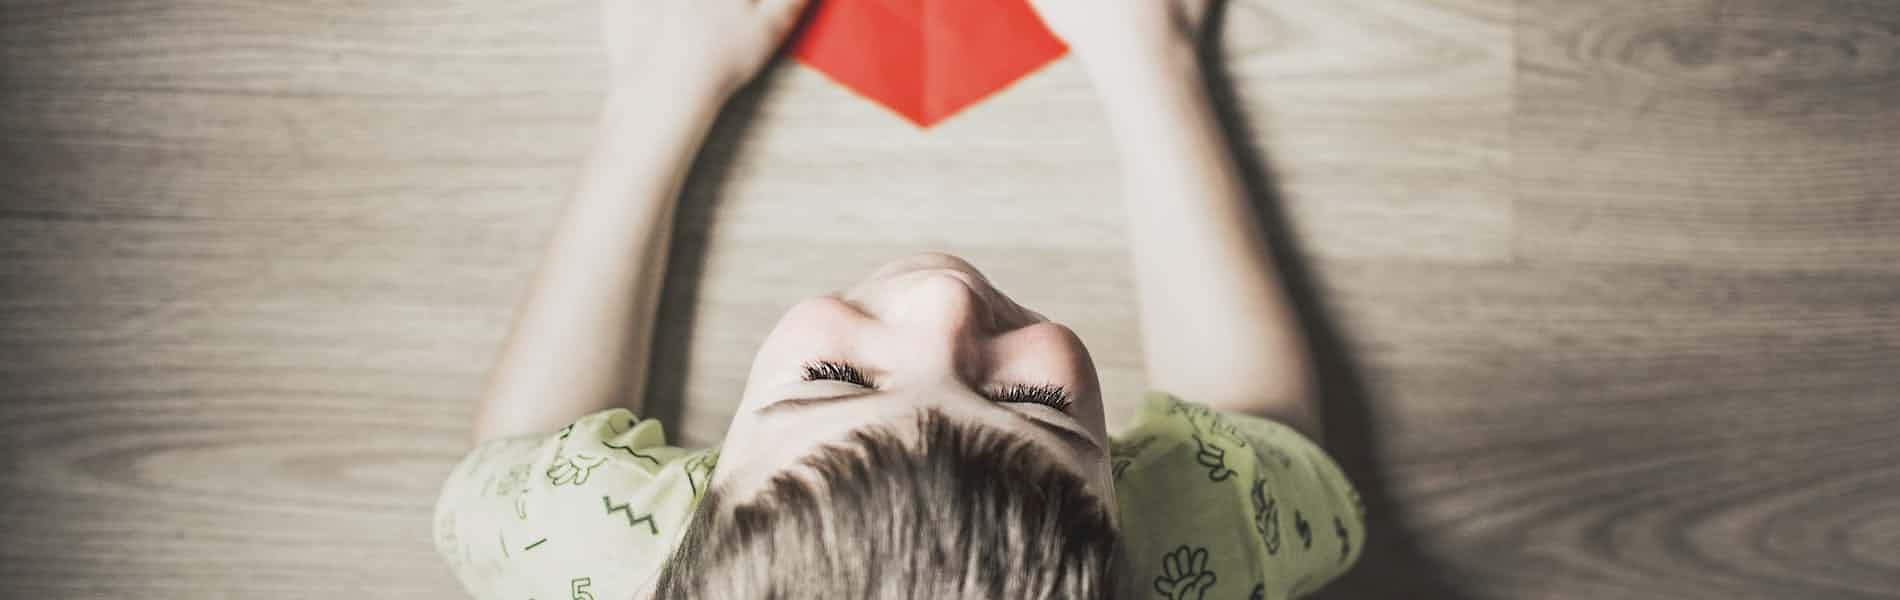 גוף ללא מנוח: מחשבות על פסיכותרפיה ממוקדת בגוף עם ילדים שחוו פגיעות מיניות